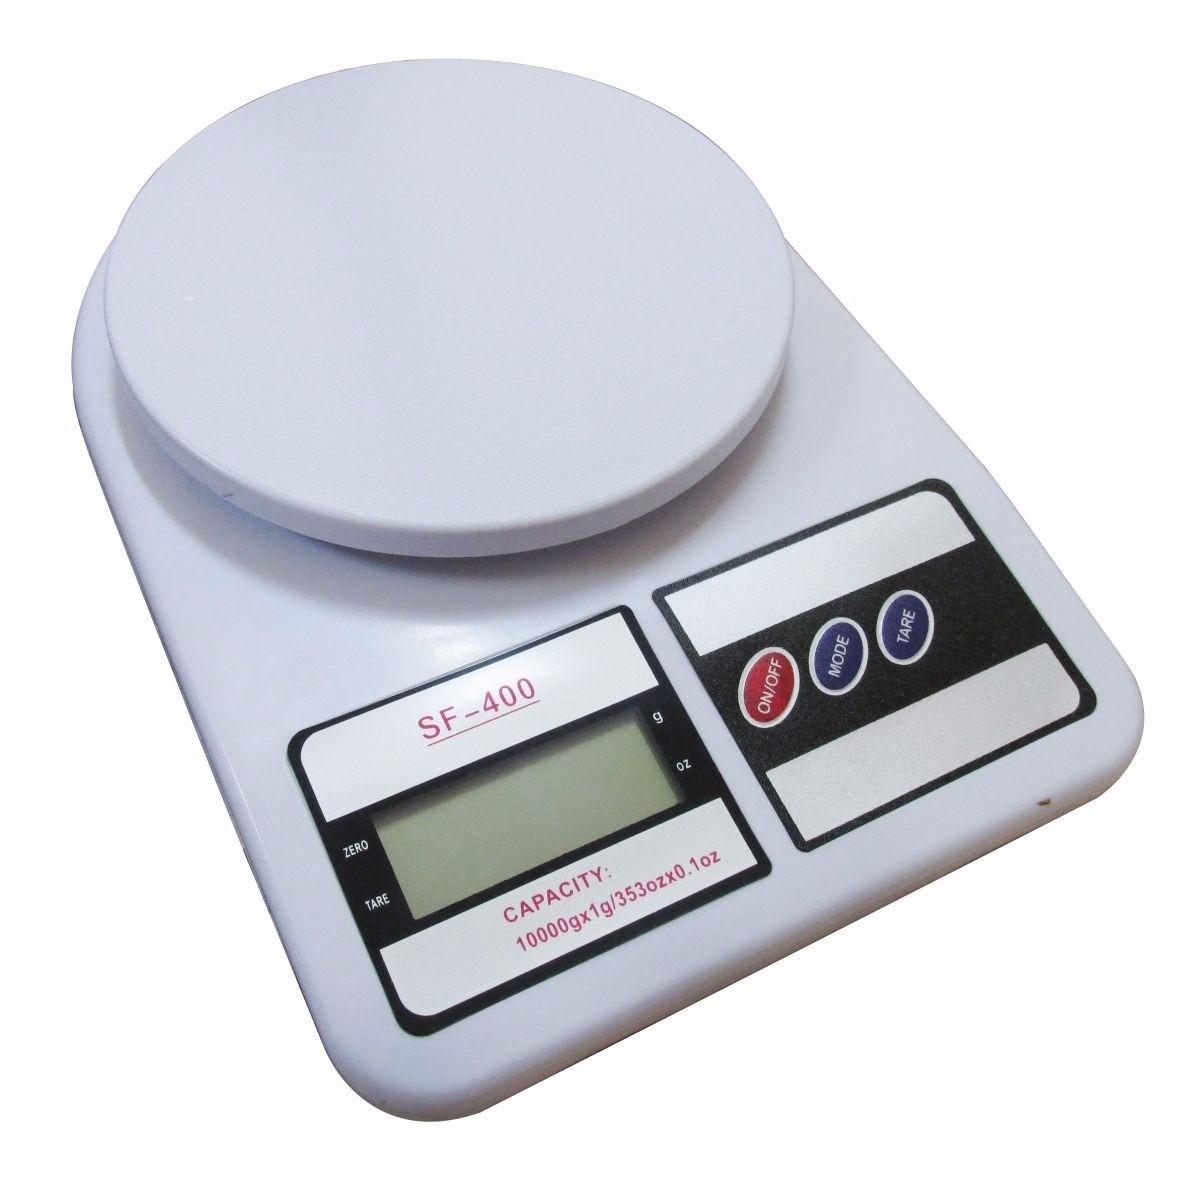 Peso Balanza Digital Portatil De Cocina 10kg/1g - Bs. 5.999.999,00 ...